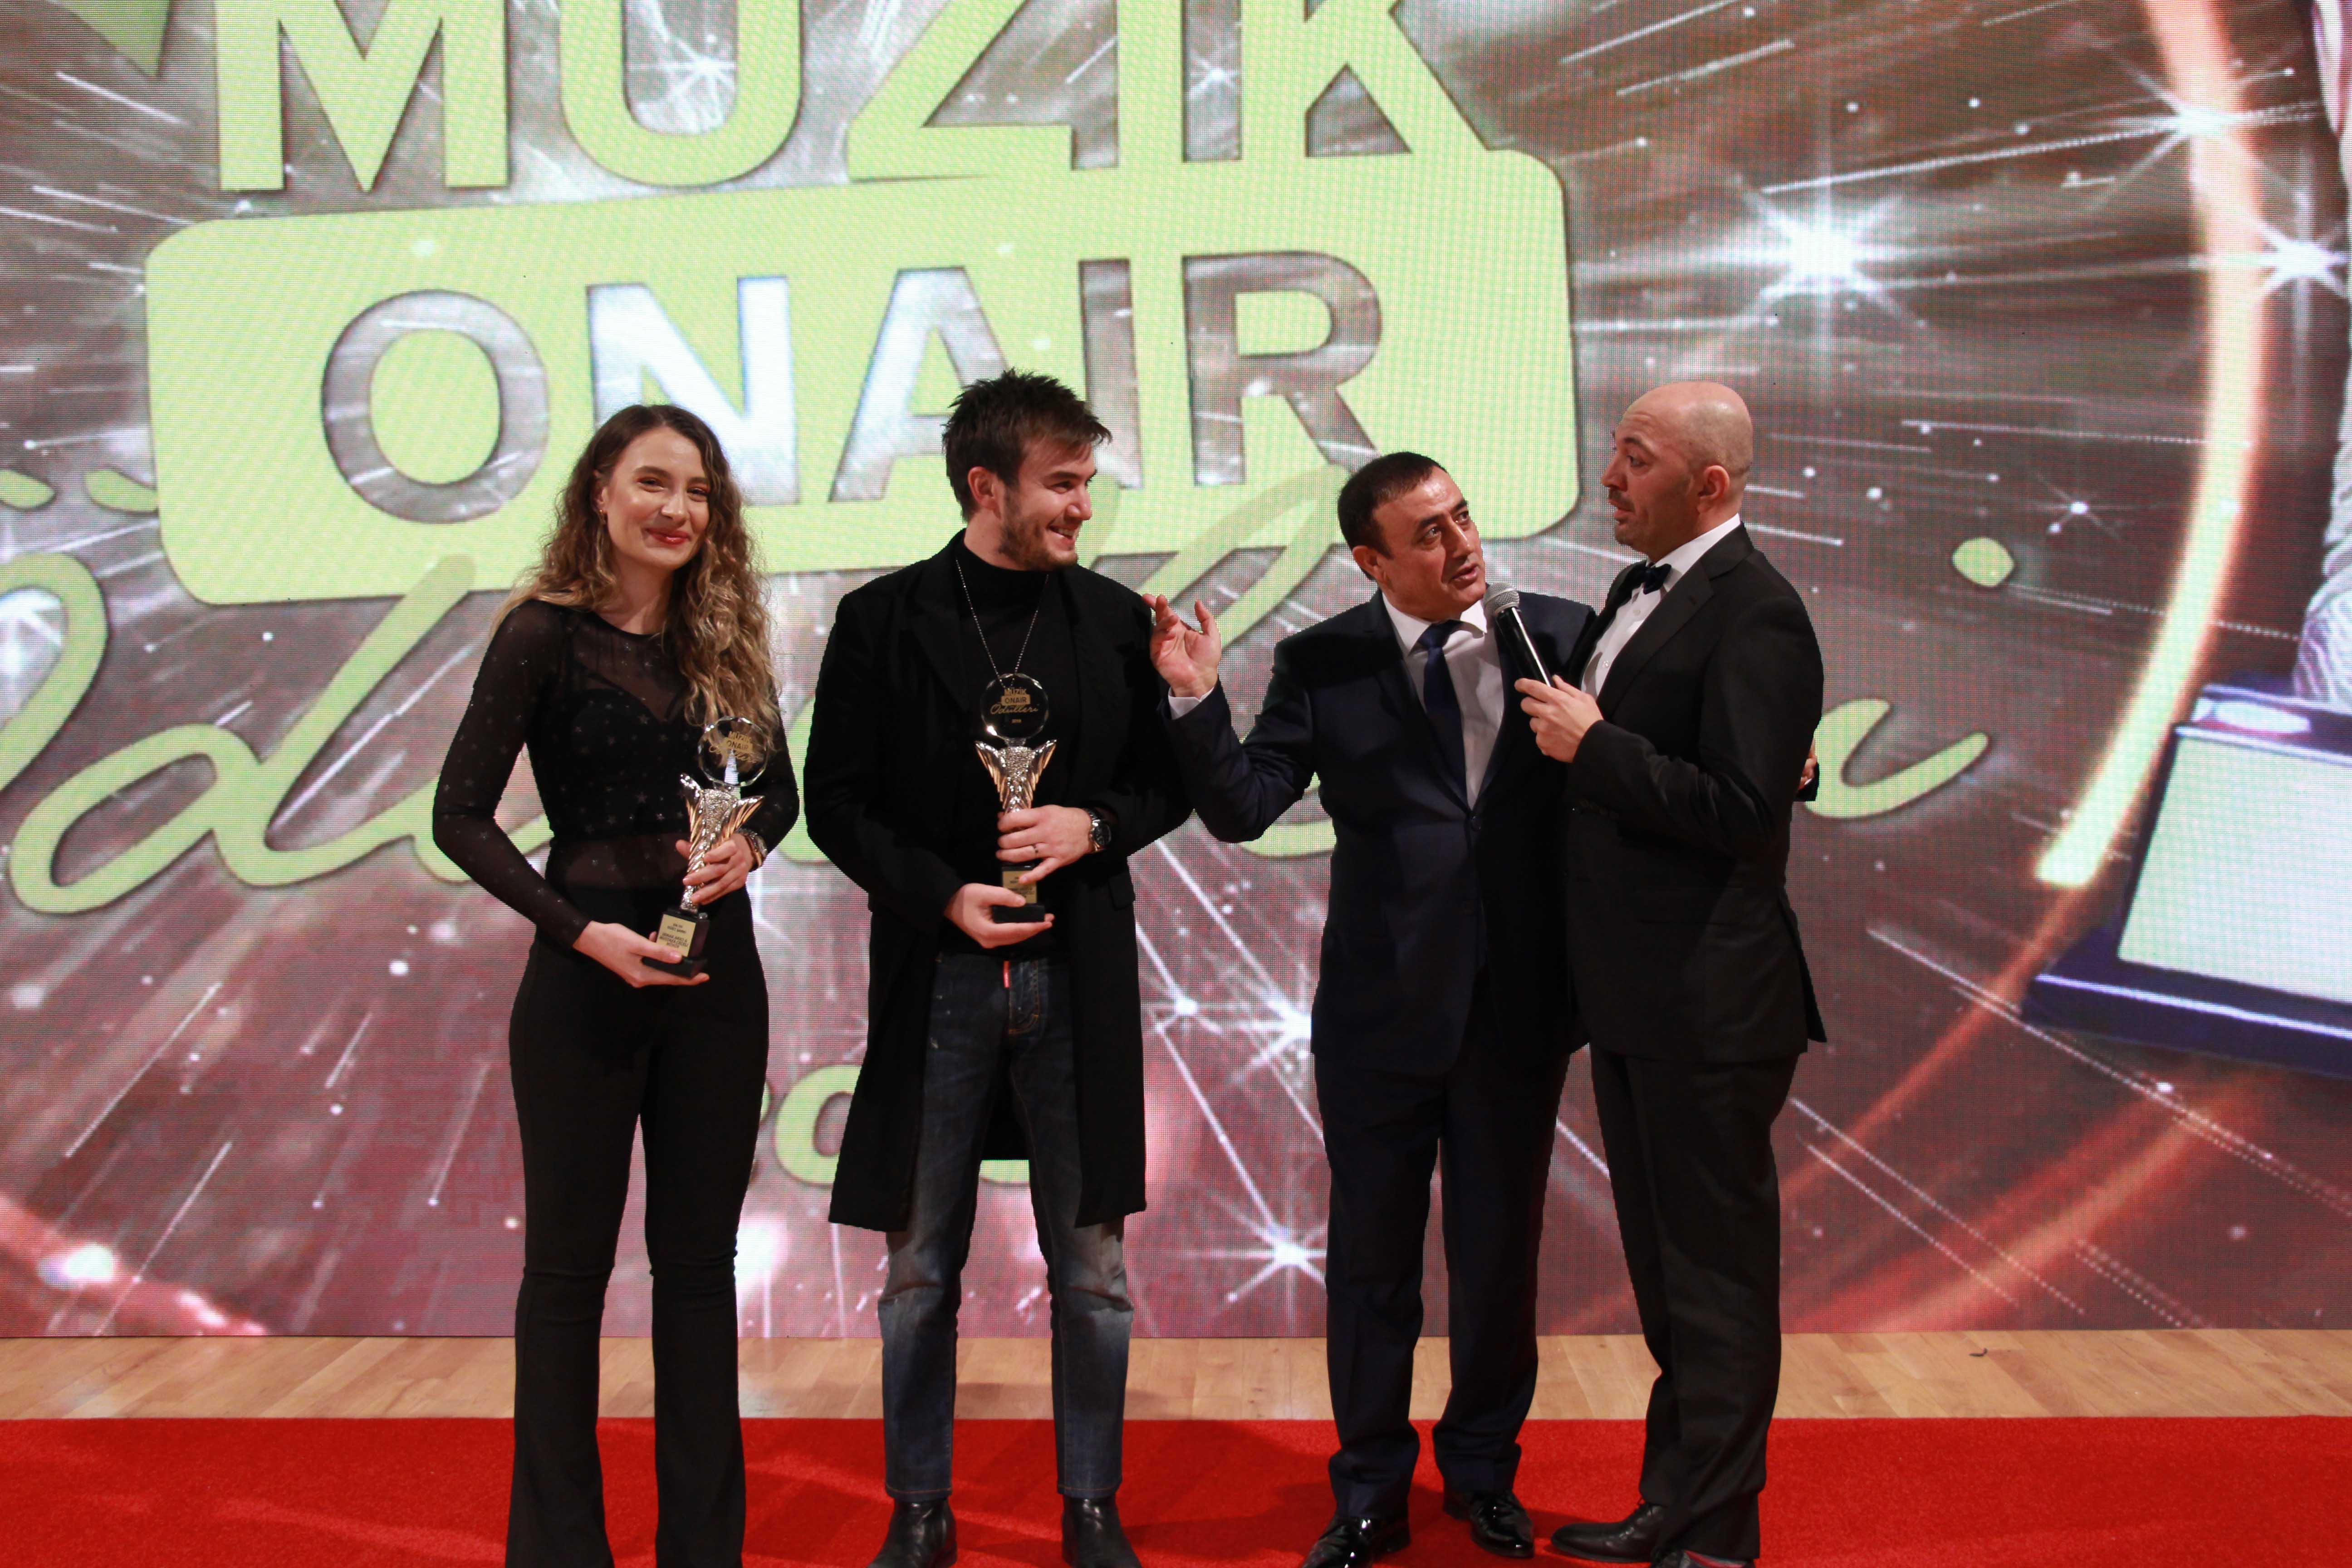 4. BAU Radyo Müzik Onair Ödülleri Sahiplerini Buldu